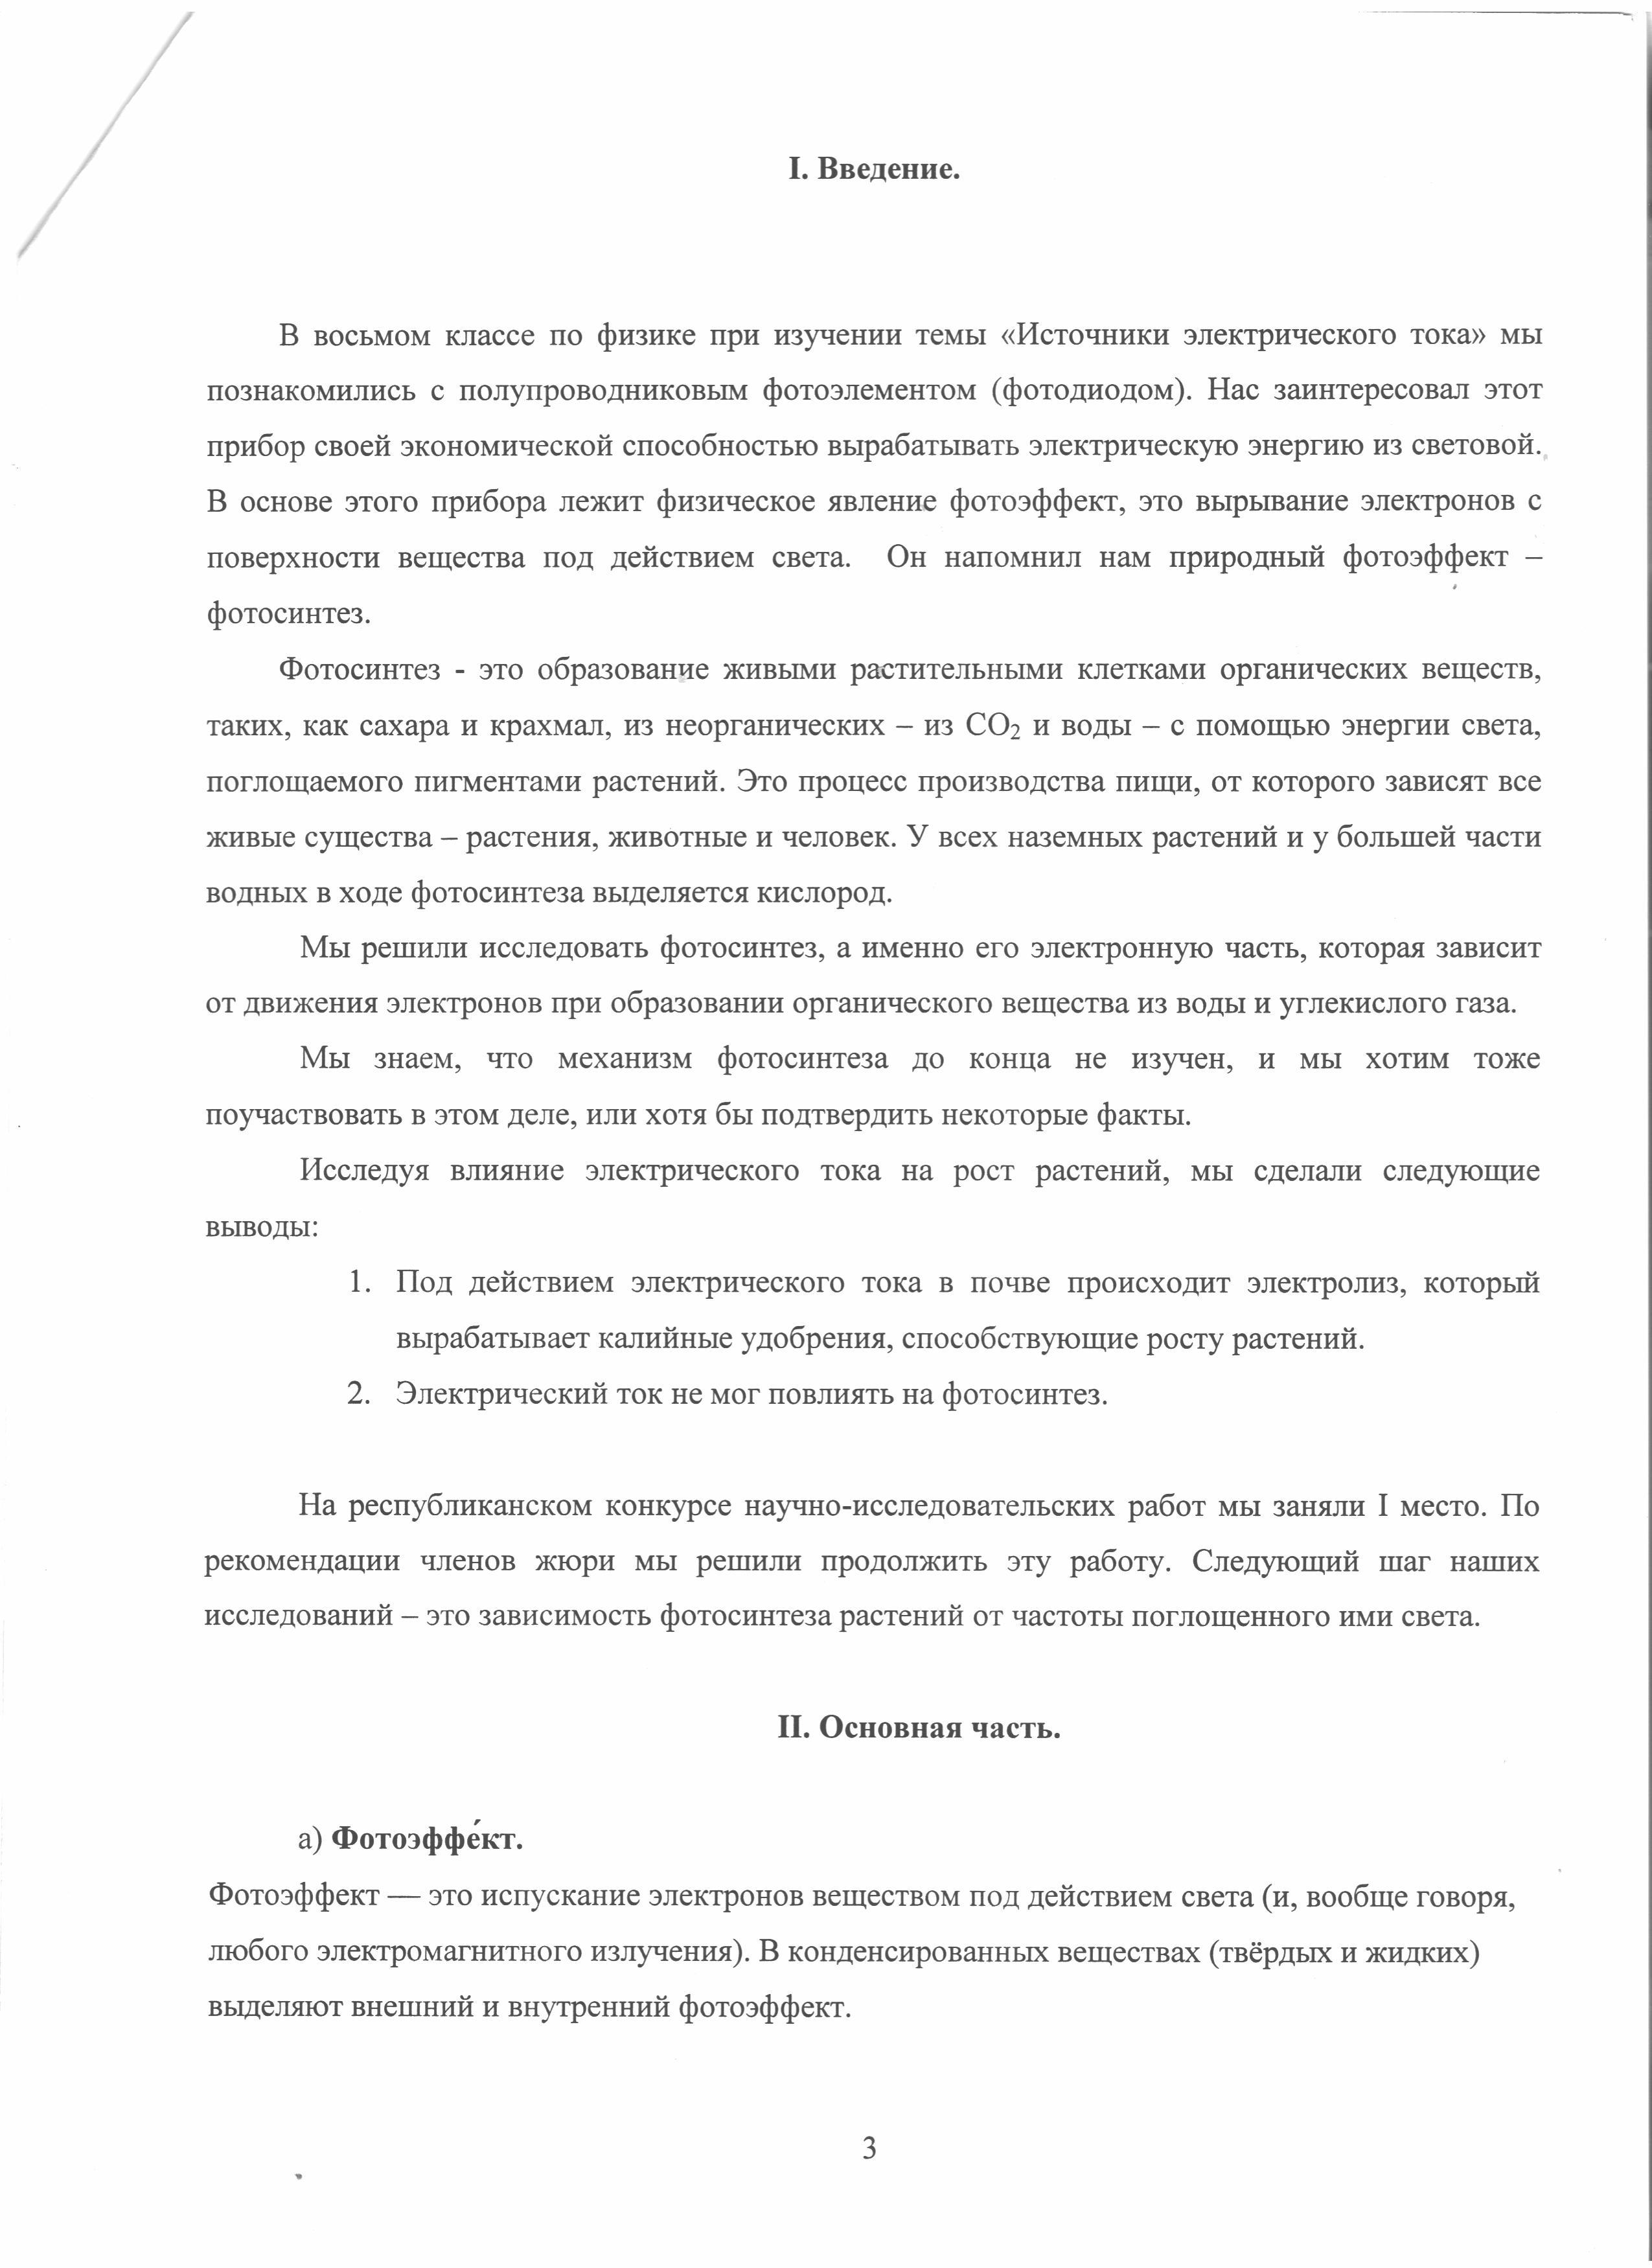 F:\диагностика\Сангаджиев В.Н\2015-09-28\018.tif